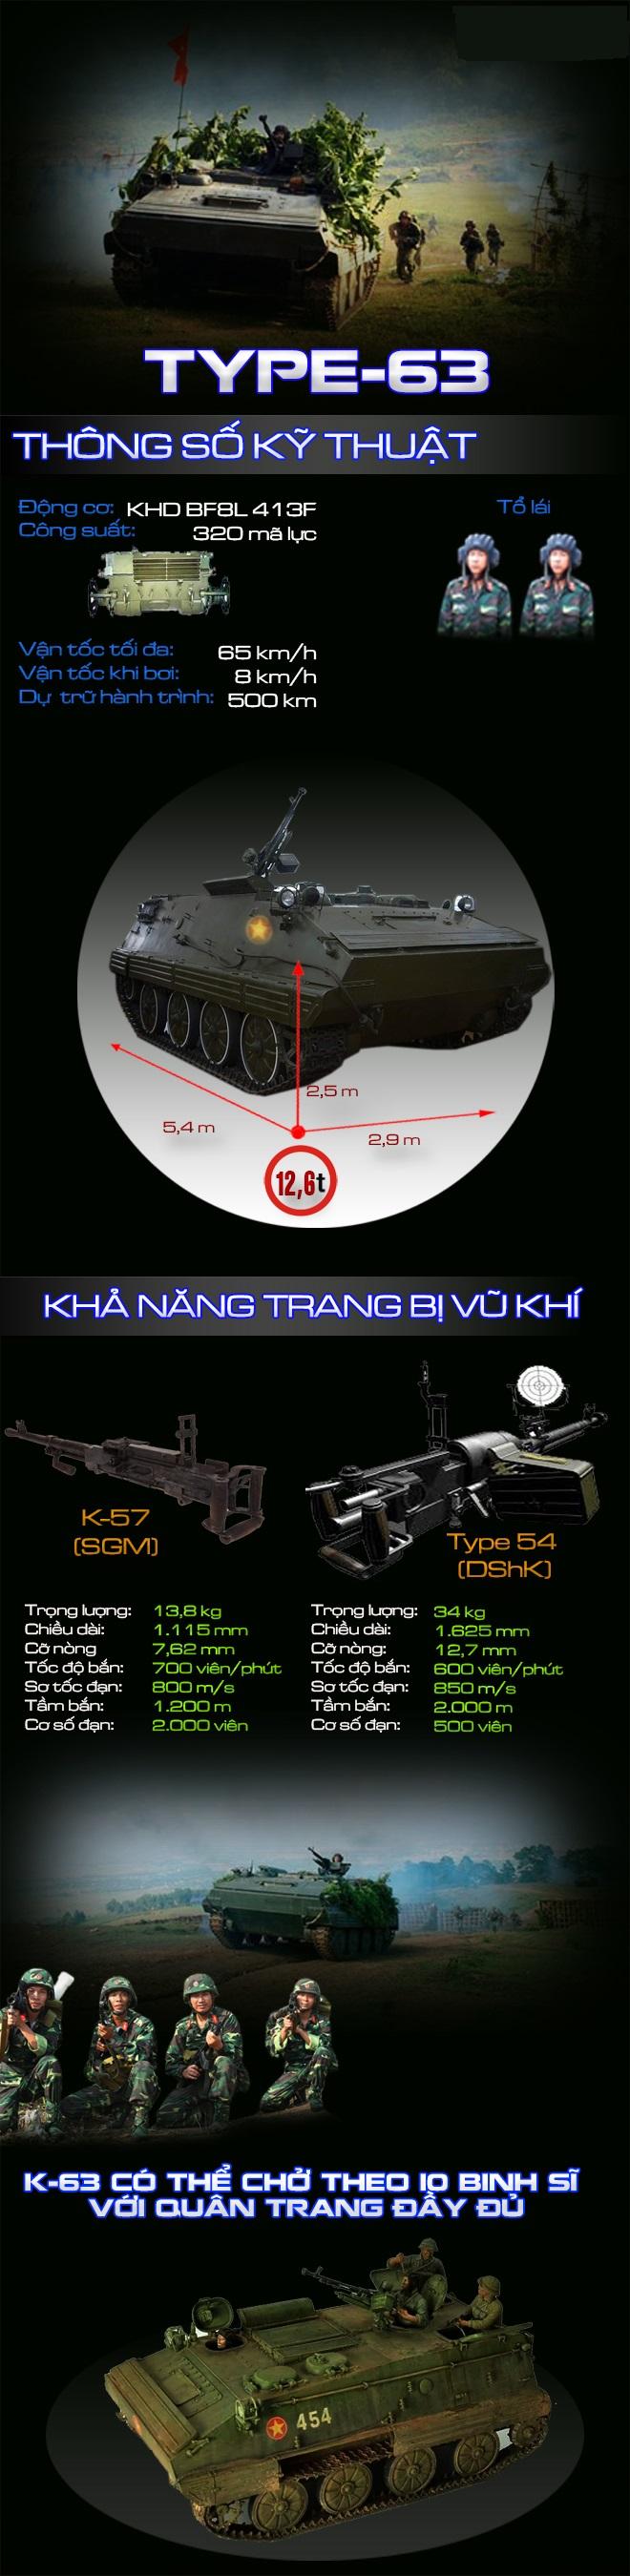 Chiếc Taxi chiến trường lừng danh của Việt Nam trong Kháng chiến chống Mỹ - Ảnh 1.